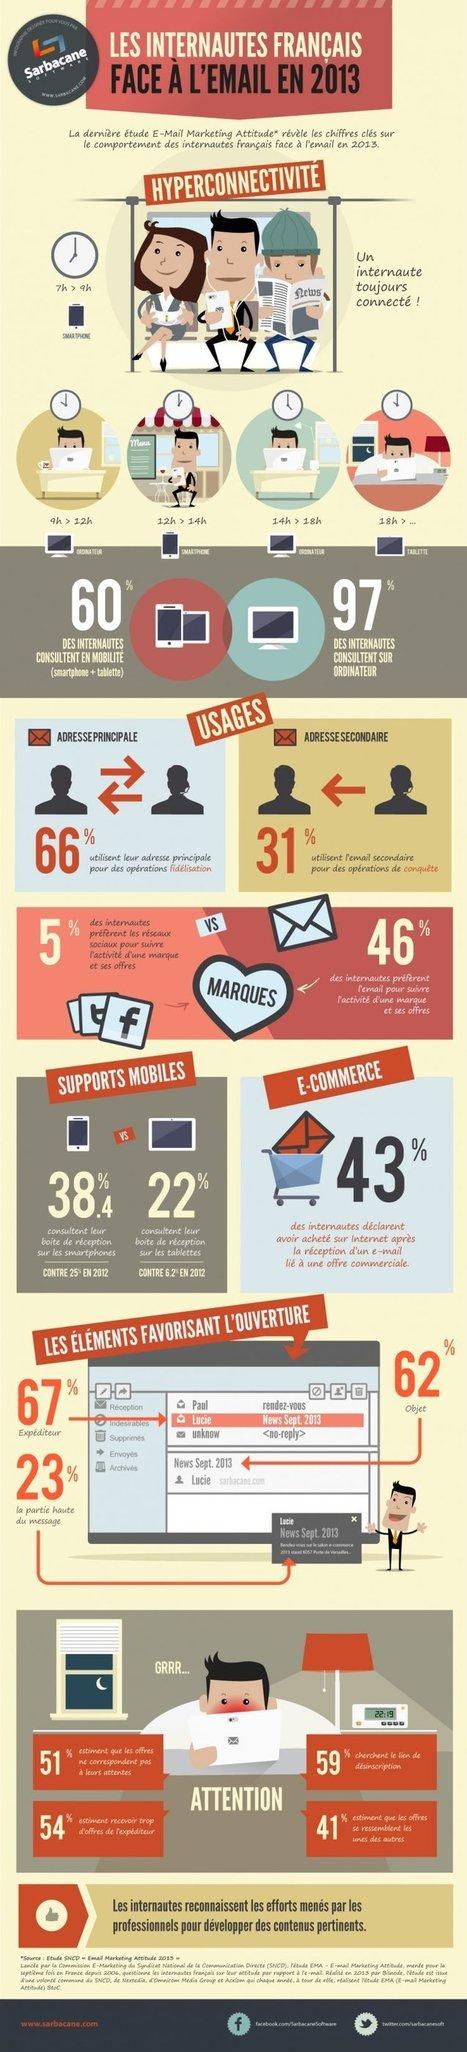 Infographie : les usages des internautes en matière d'emailing | E-Commerce - Marketing | Scoop.it